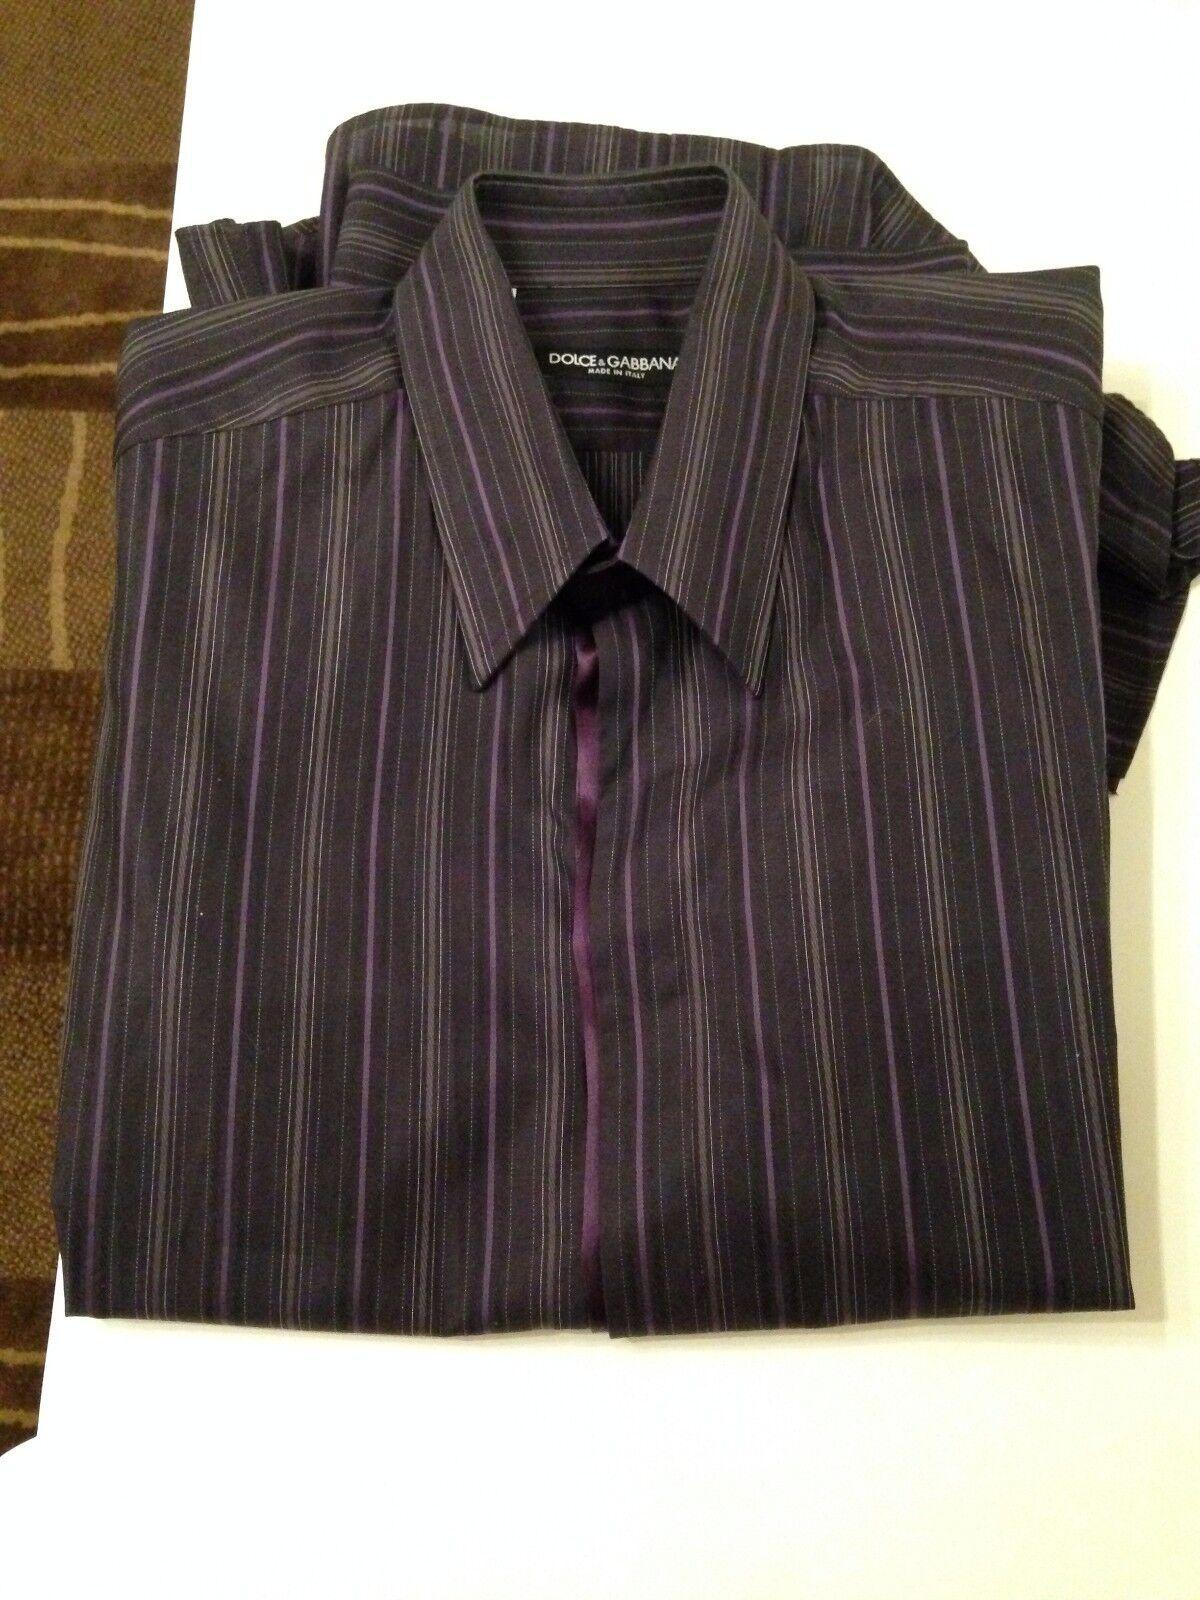 Dolce and Gabbana lila Shirt Größe 16/41